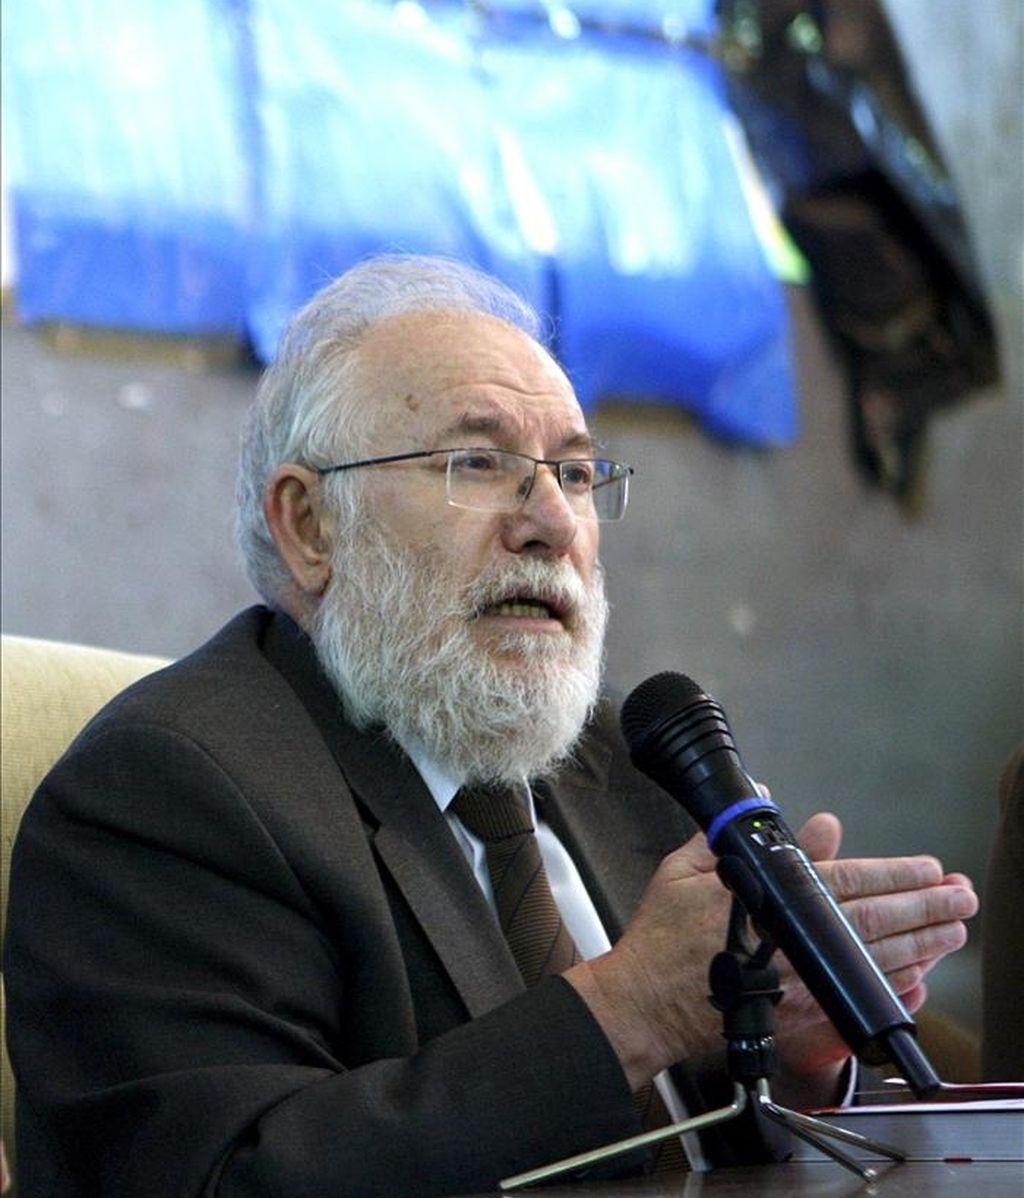 El rector de la Universidad Complutense, Carlos Berzosa. EFE/Archivo